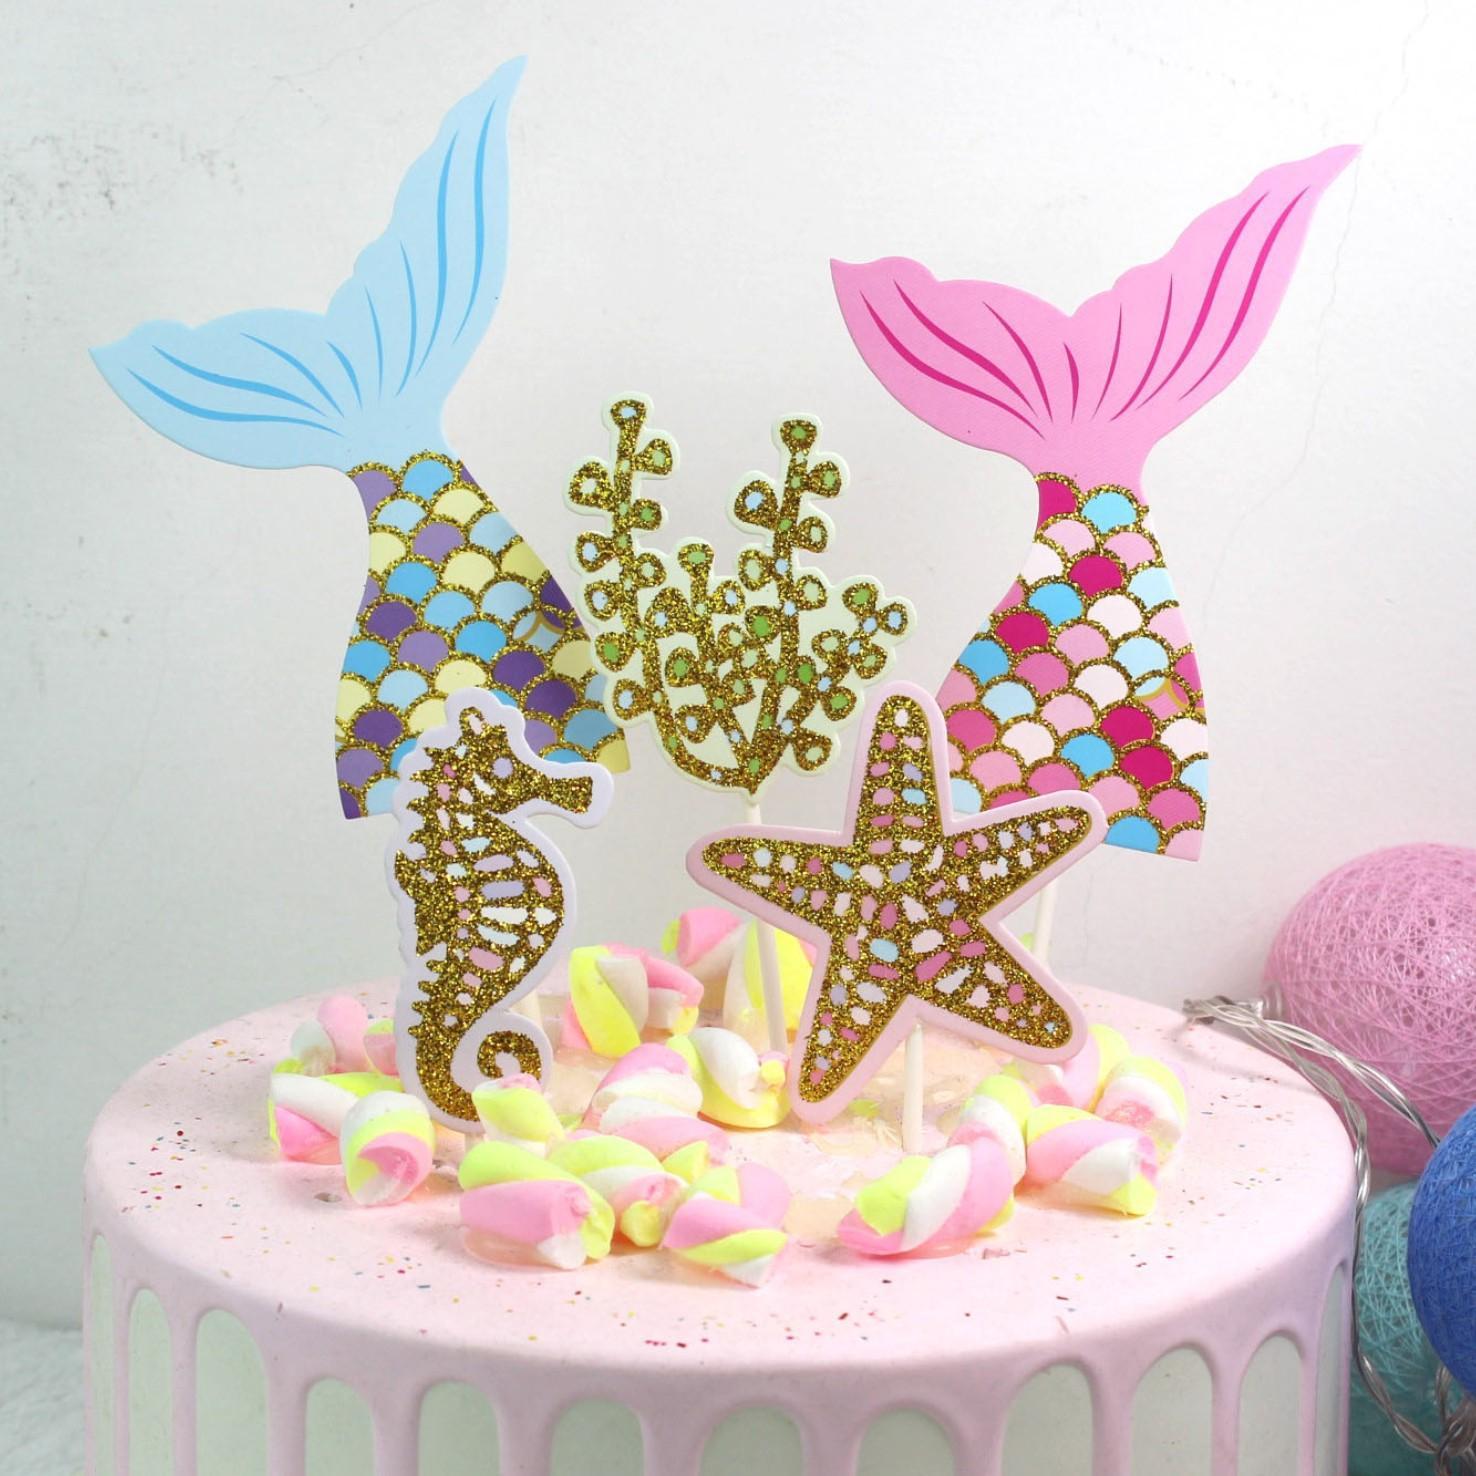 Sirena Decoraciones Para Fiestas Cumpleaños Baby Shower De Niña Globos Sirenas